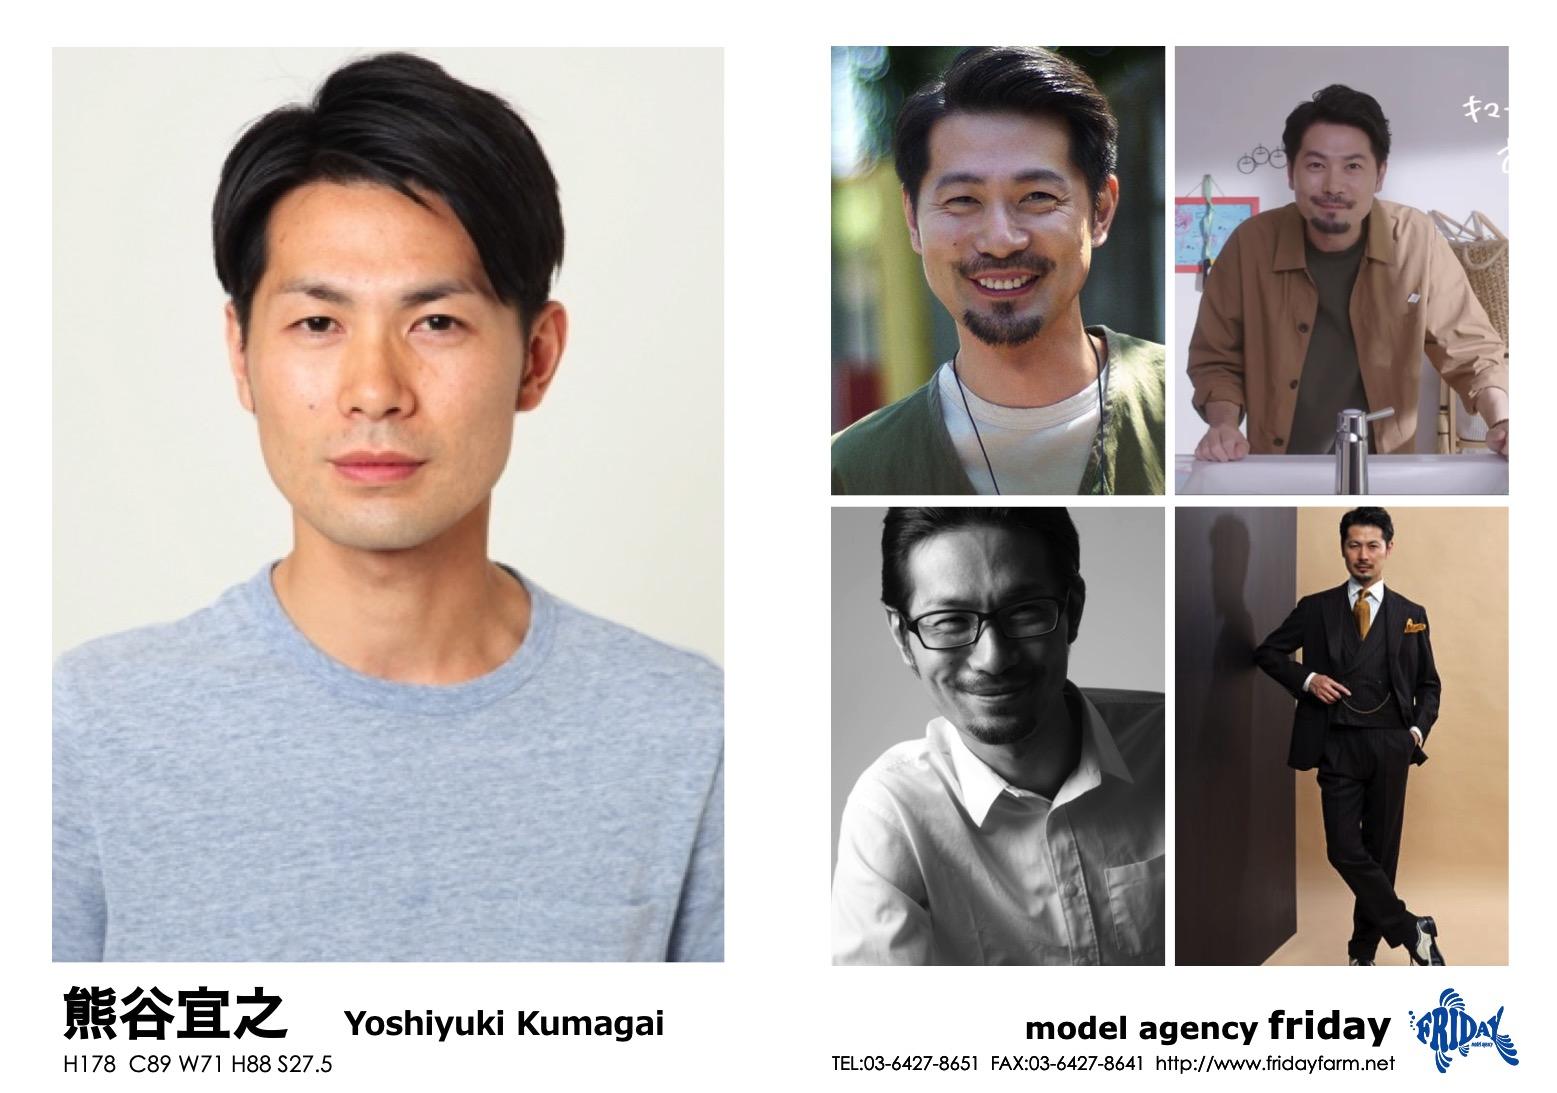 熊谷 宜之 - Yoshiyuki Kumagai | model agency friday